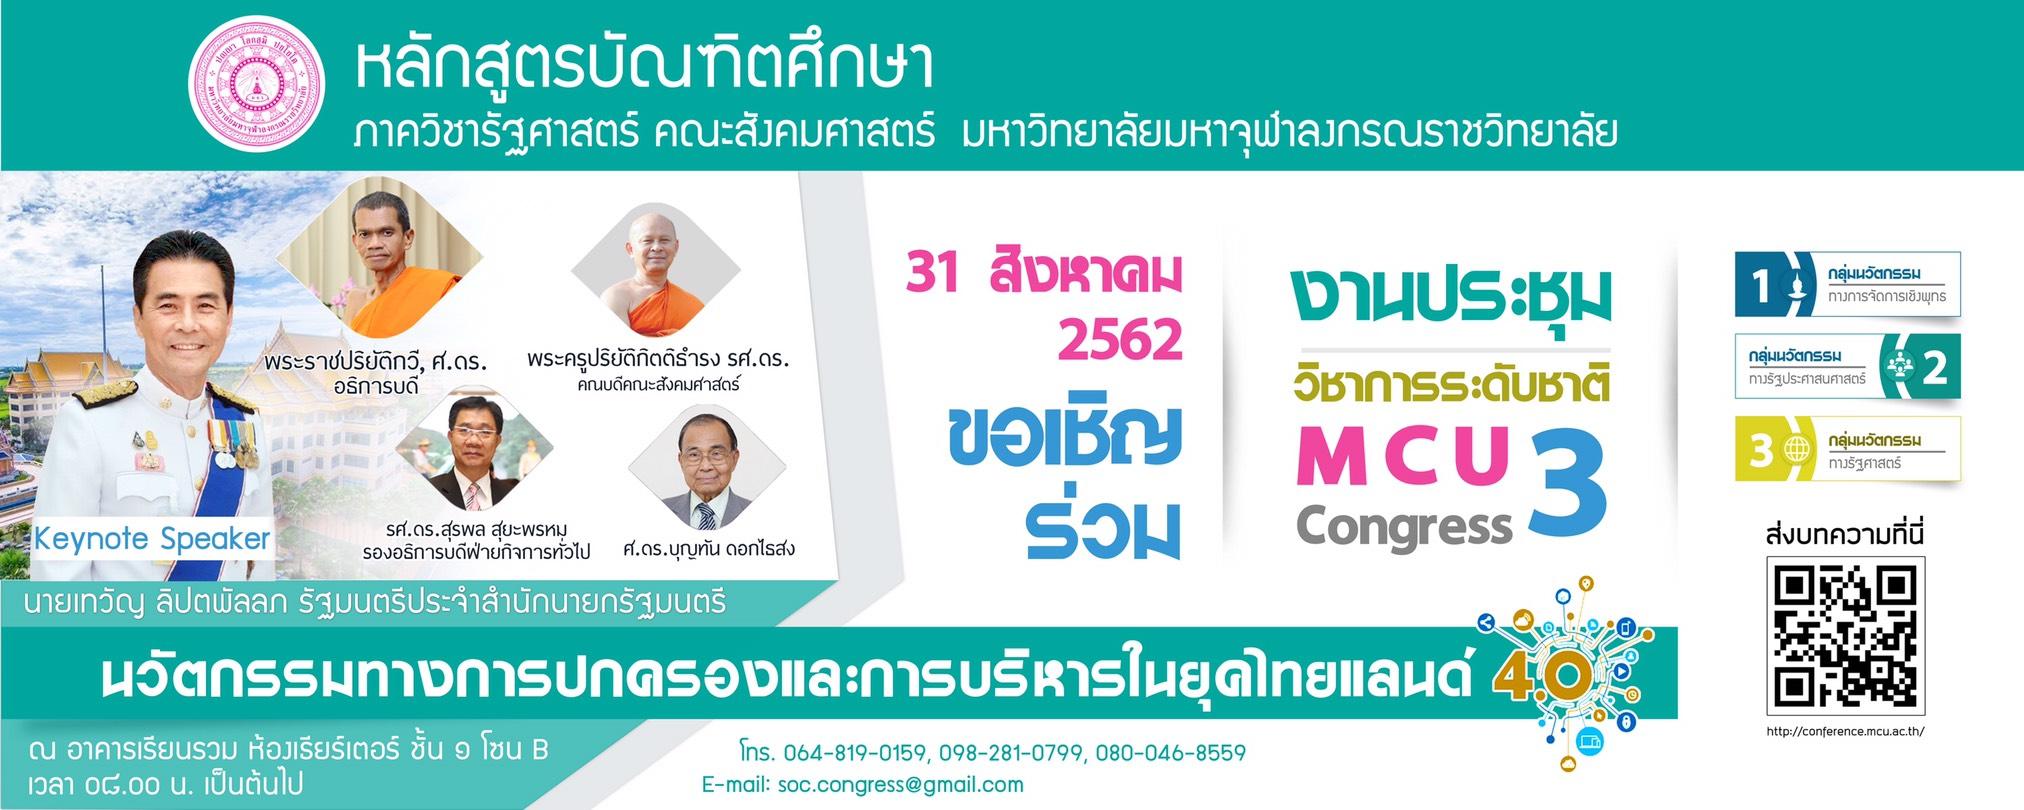 """ขอเชิญร่วมงานประชุมวิชาการระดับชาติ """"นวัตกรรมทางการปกครองและการบริหารในยุคไทยแลนด์ 4.0"""" MCU Congress 3"""